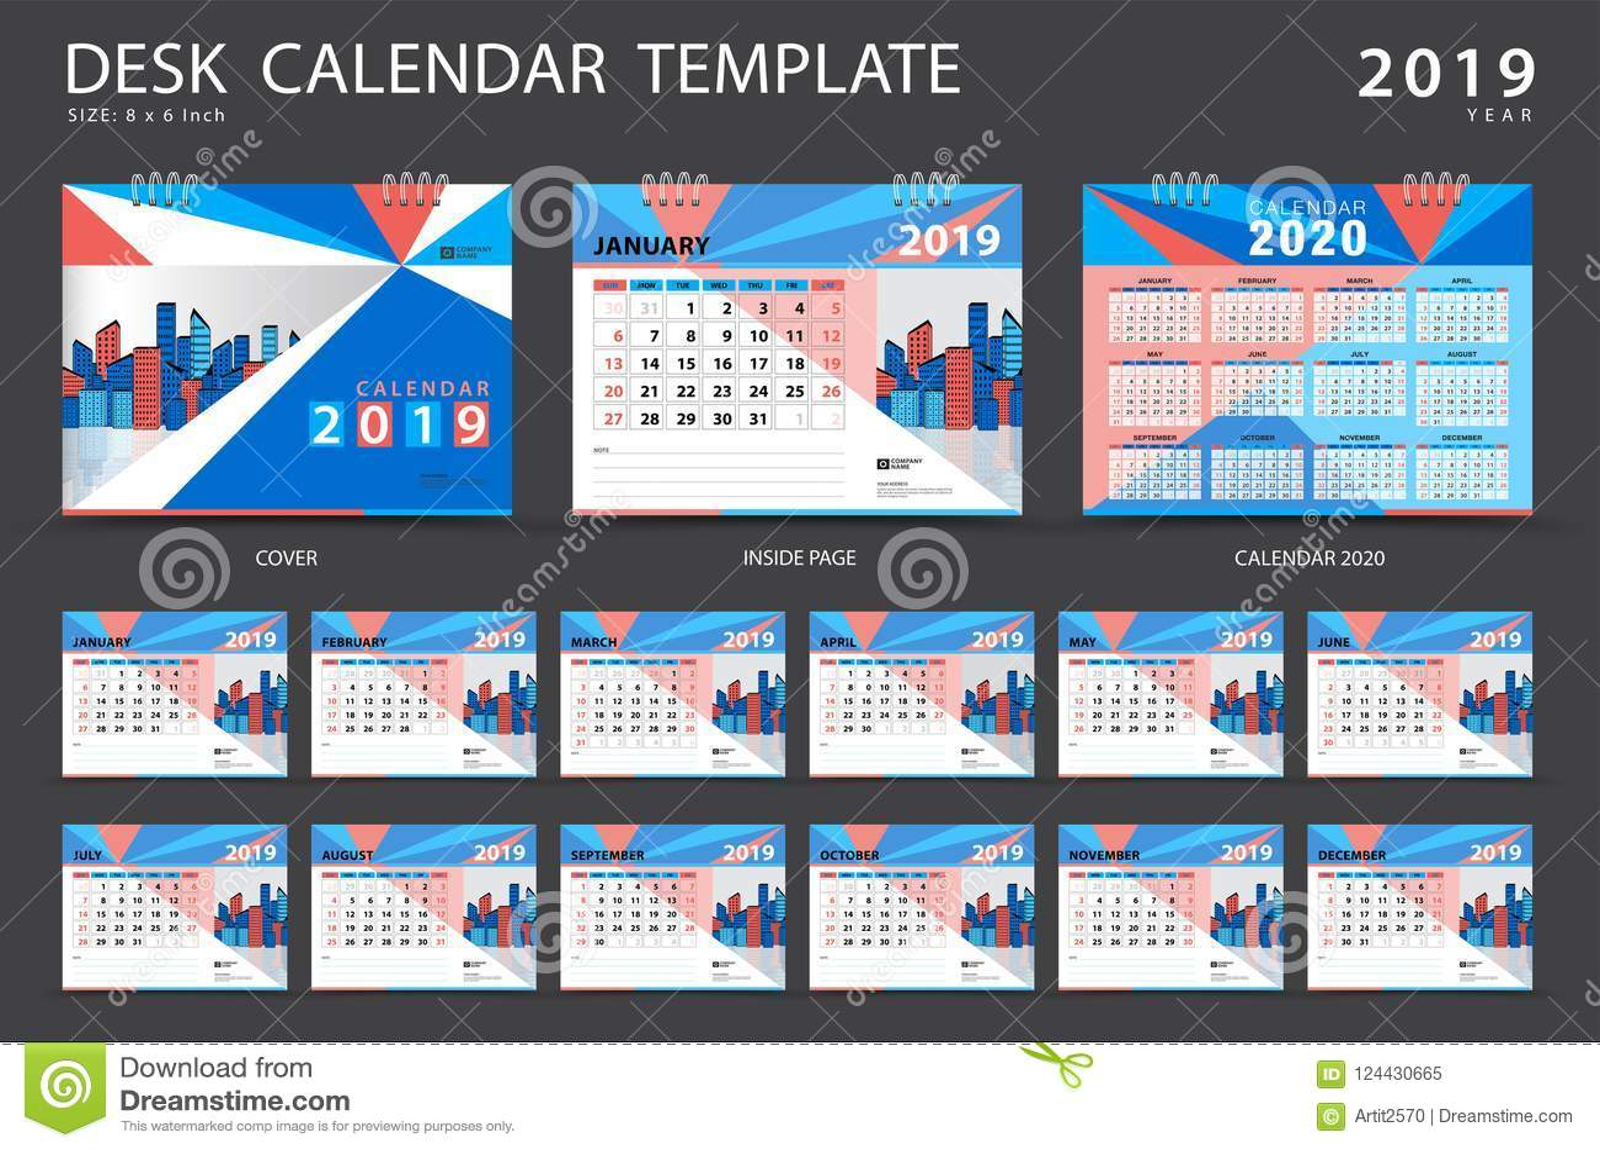 set desk calendar 2019 template set of 12 months planner week